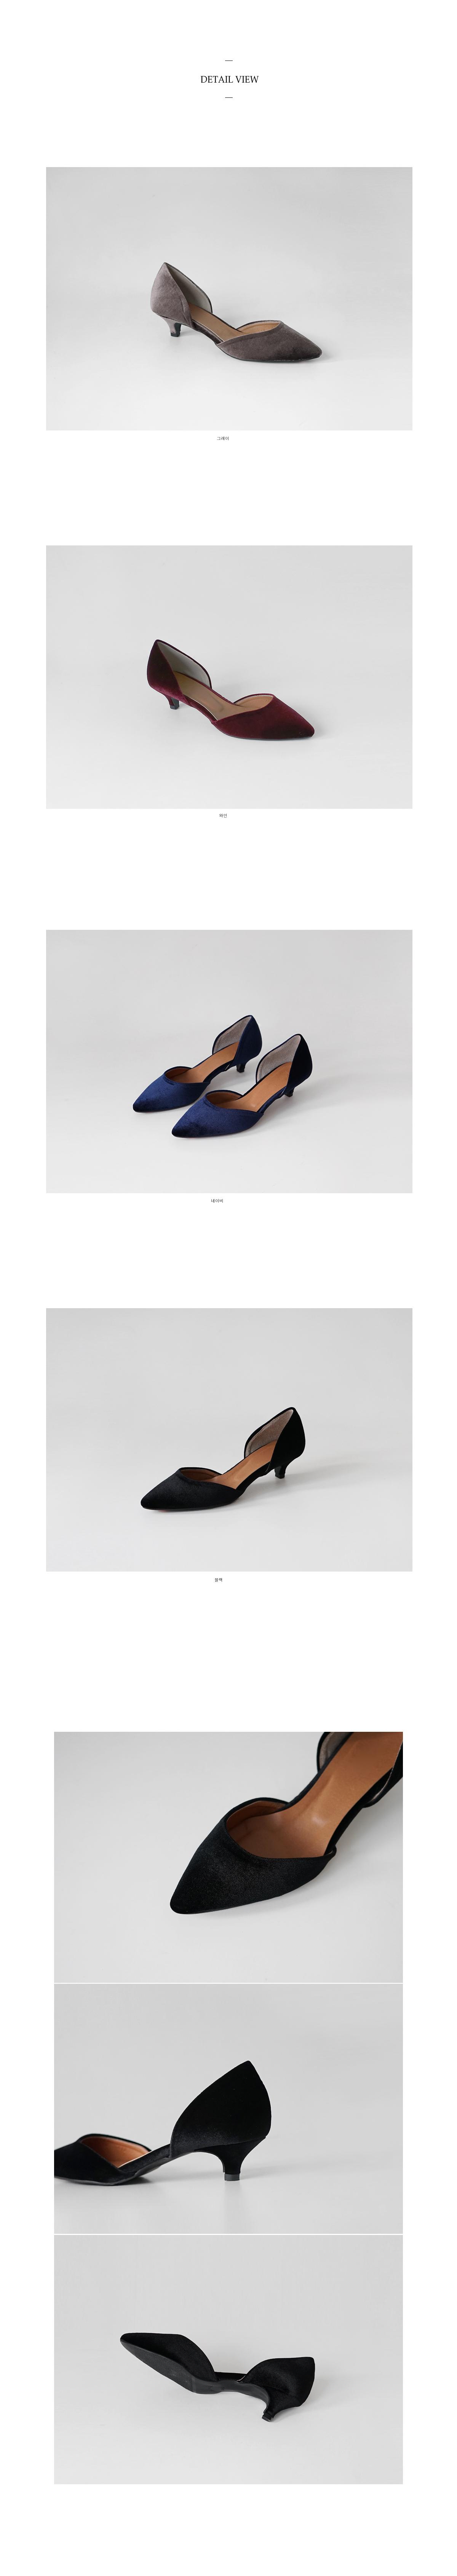 velvet stiletto low heels(4colors)